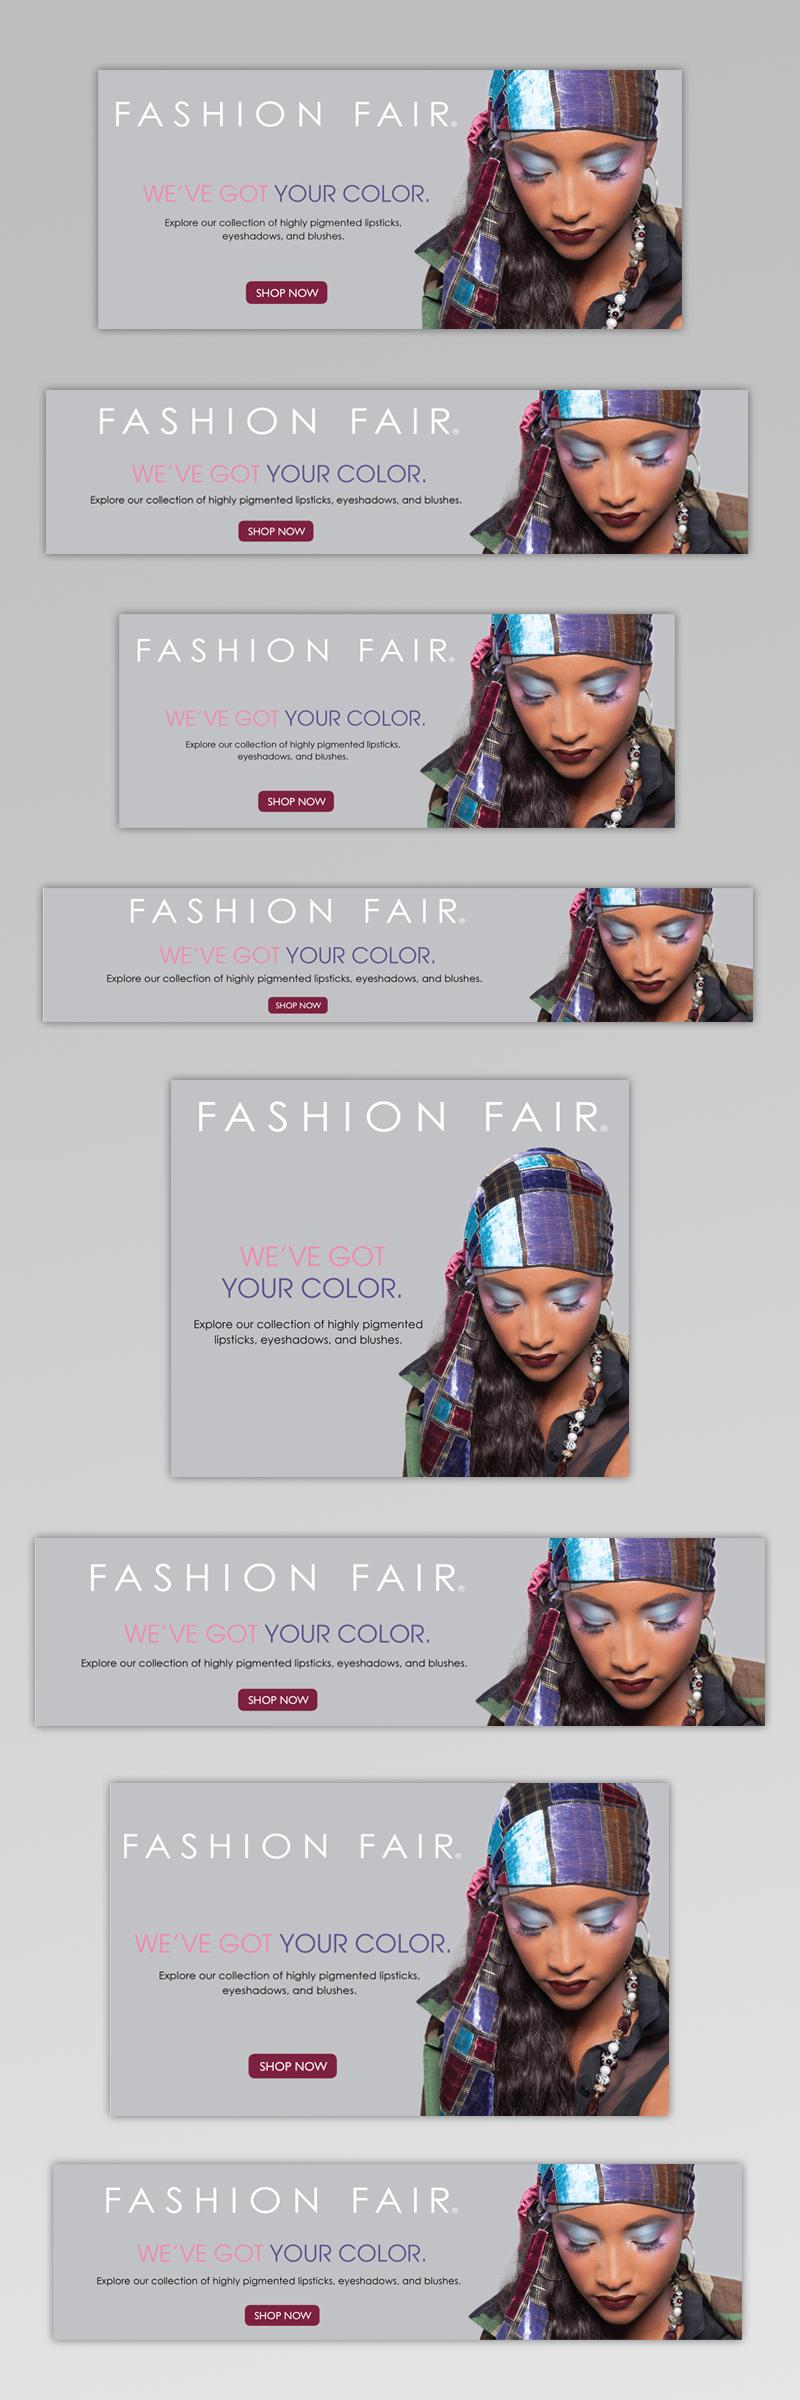 fashion-fair-web-banners-800-2400